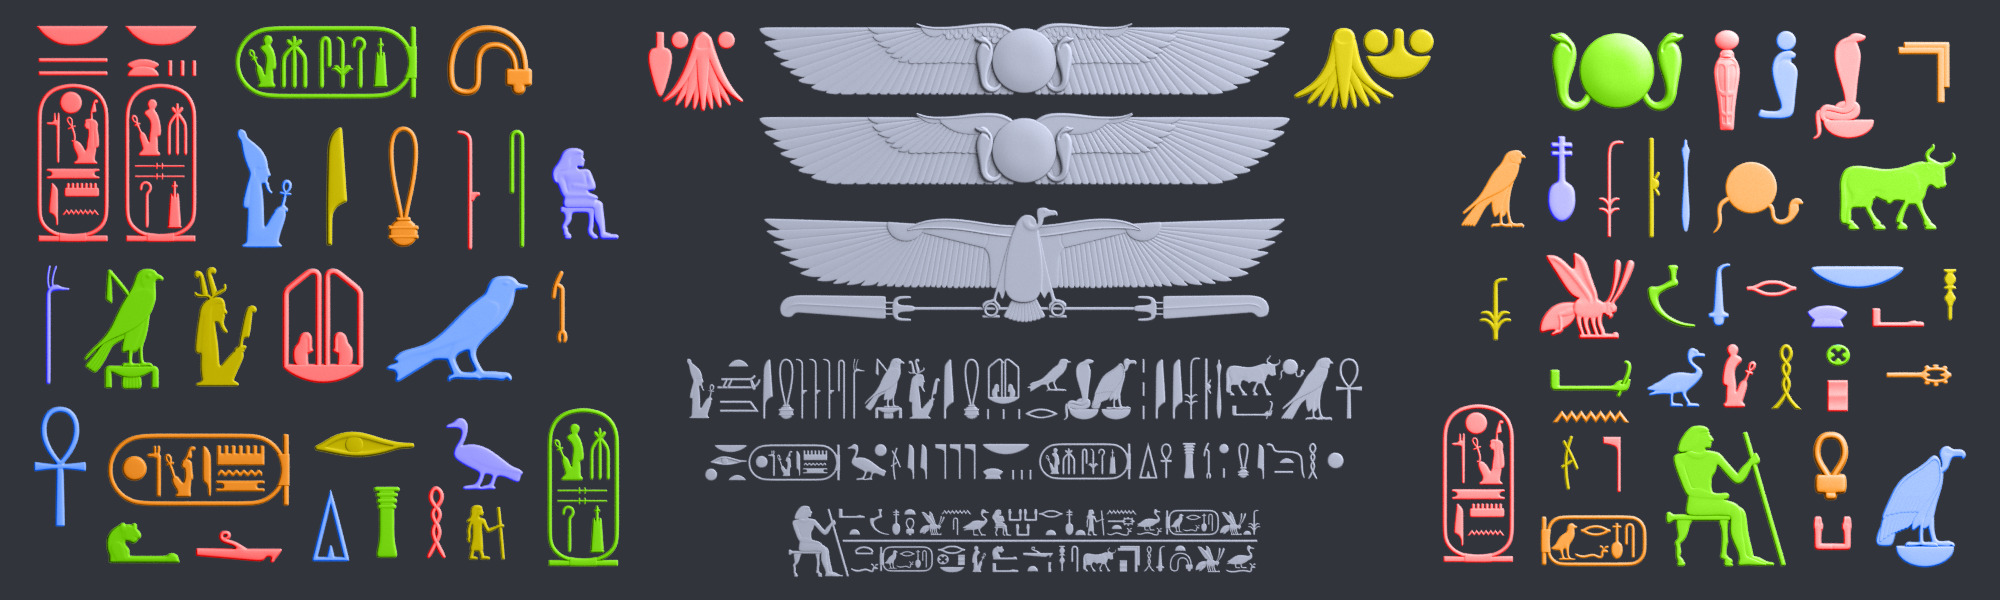 TexturesCom_Egyptian_Set_02_header5.jpg